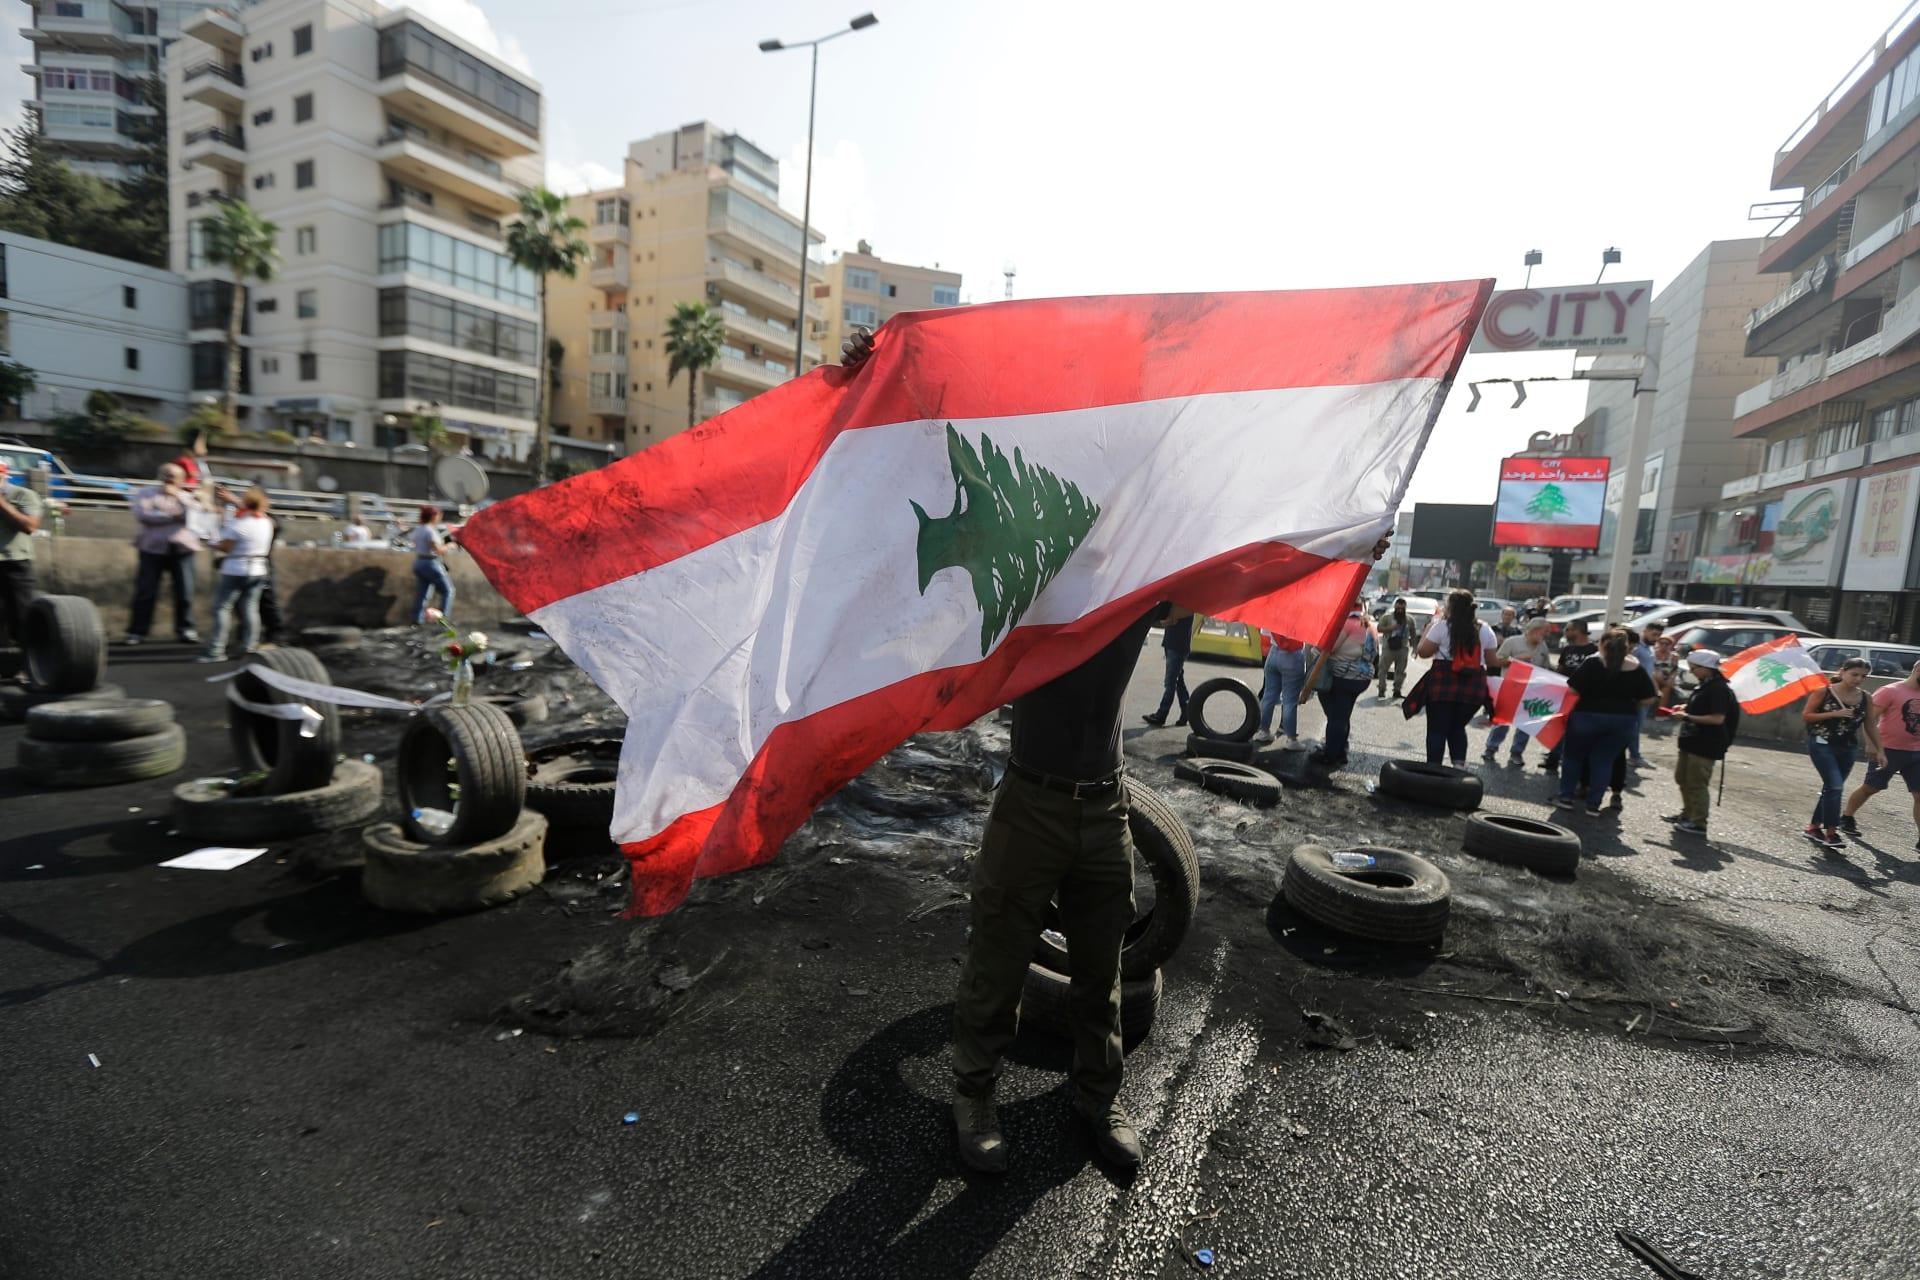 متظاهر لبناني يستفز مشجعي برشلونة ويثير تفاعلا على تويتر